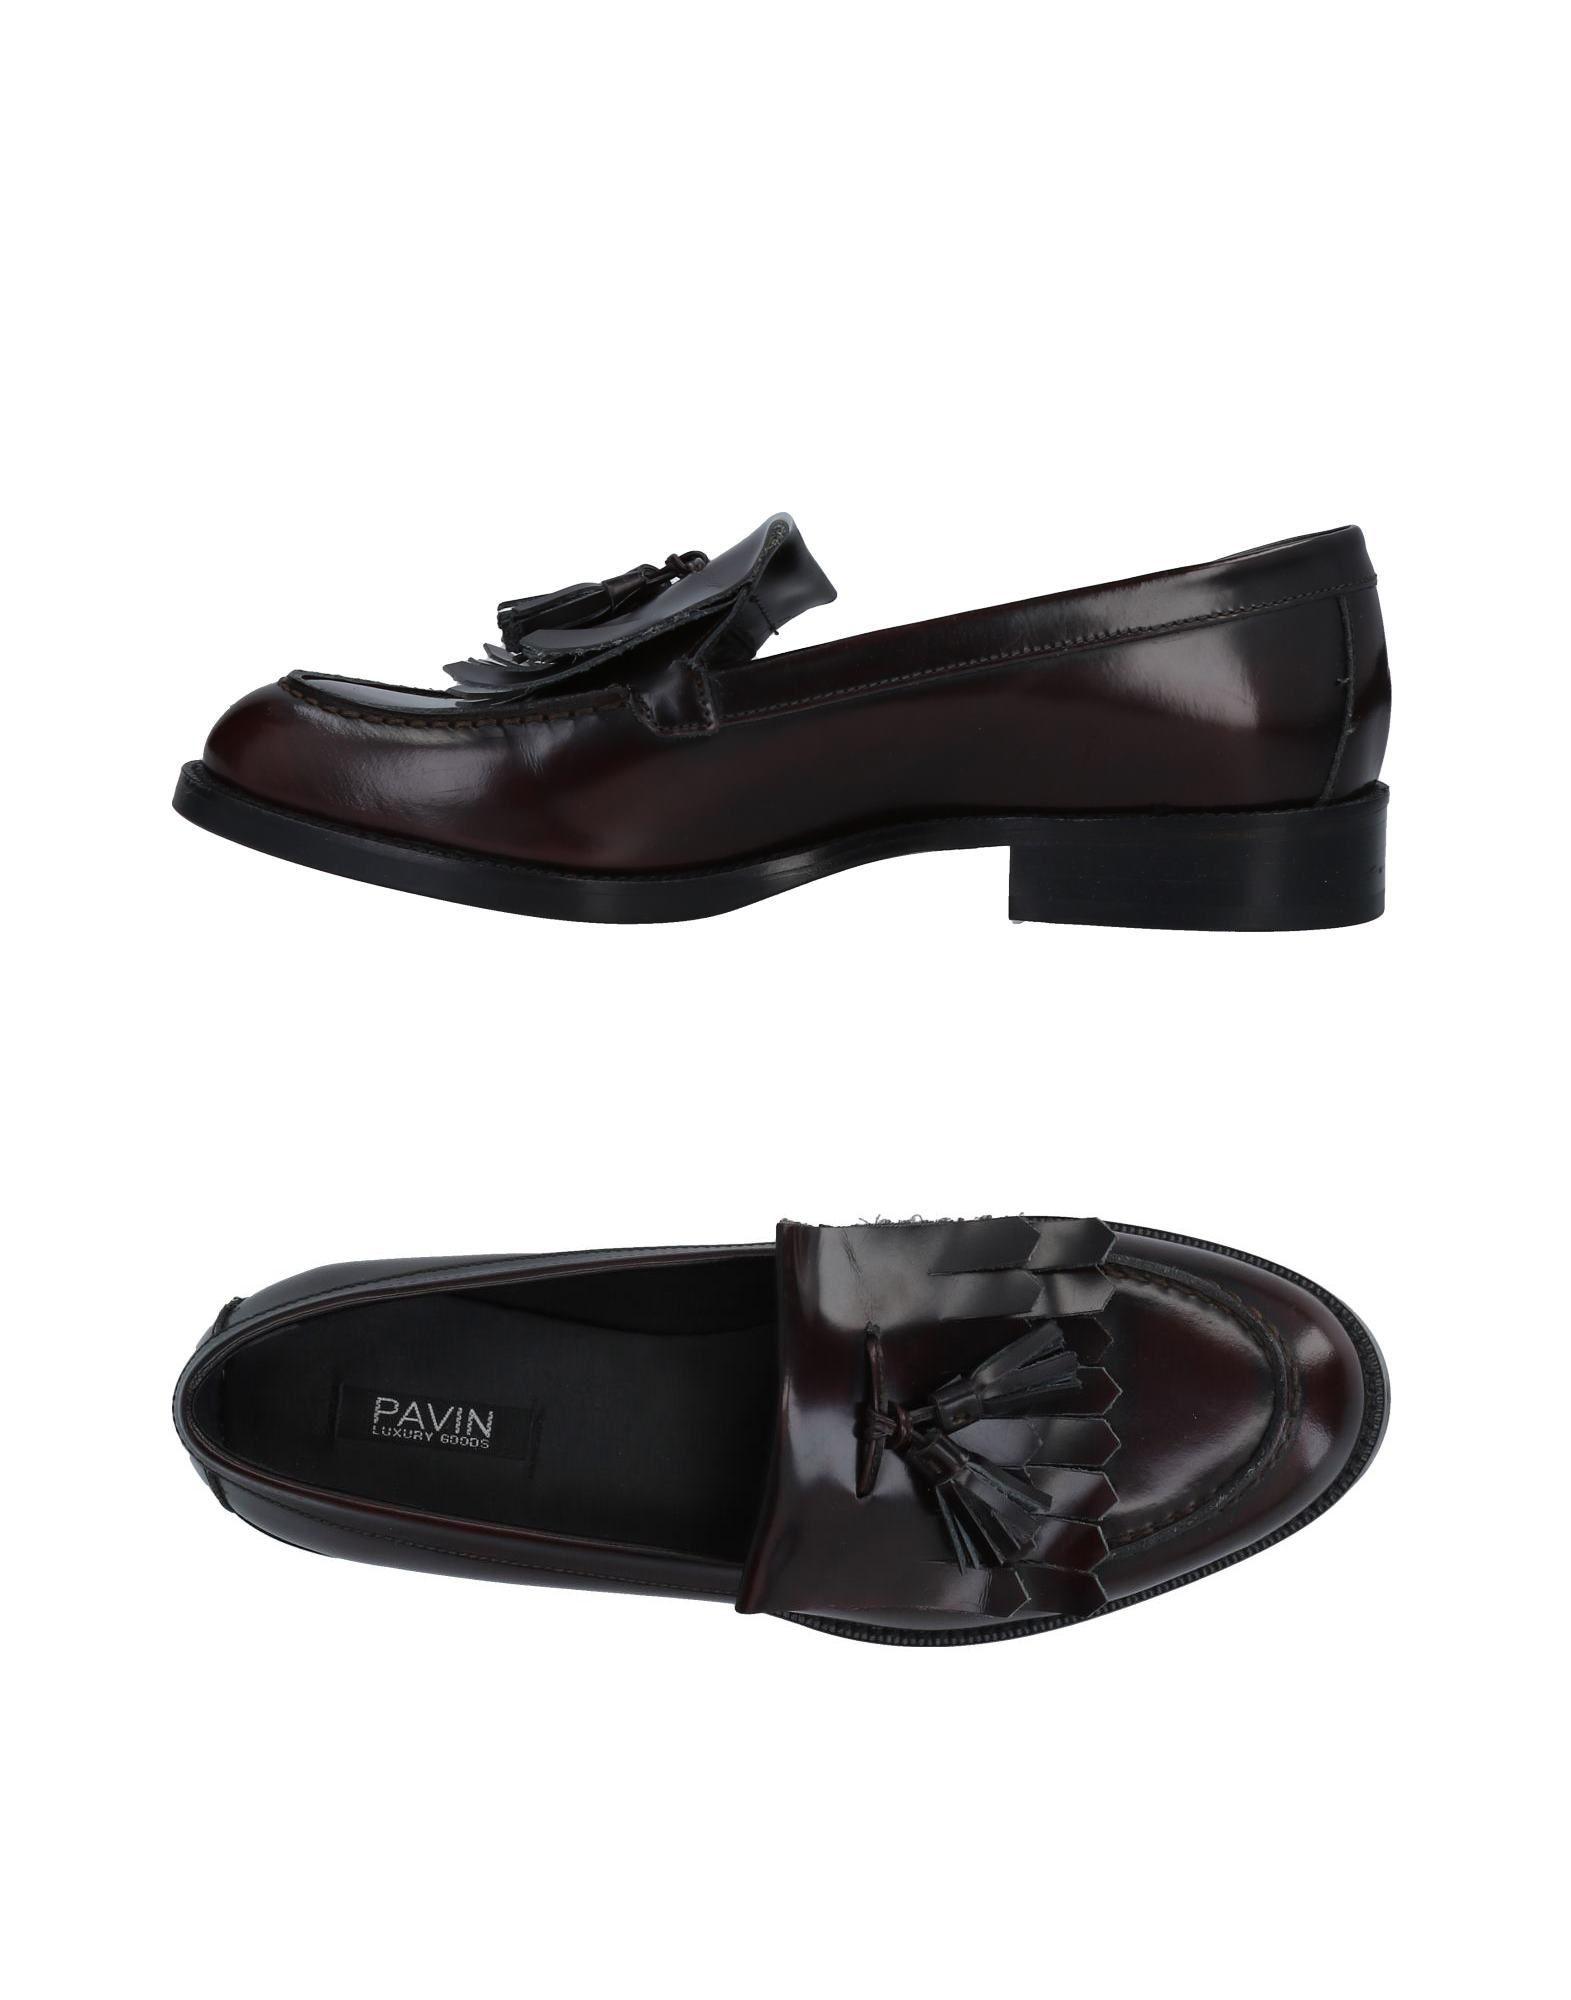 Pavin Mokassins Damen  11483353PJ Gute Qualität beliebte Schuhe